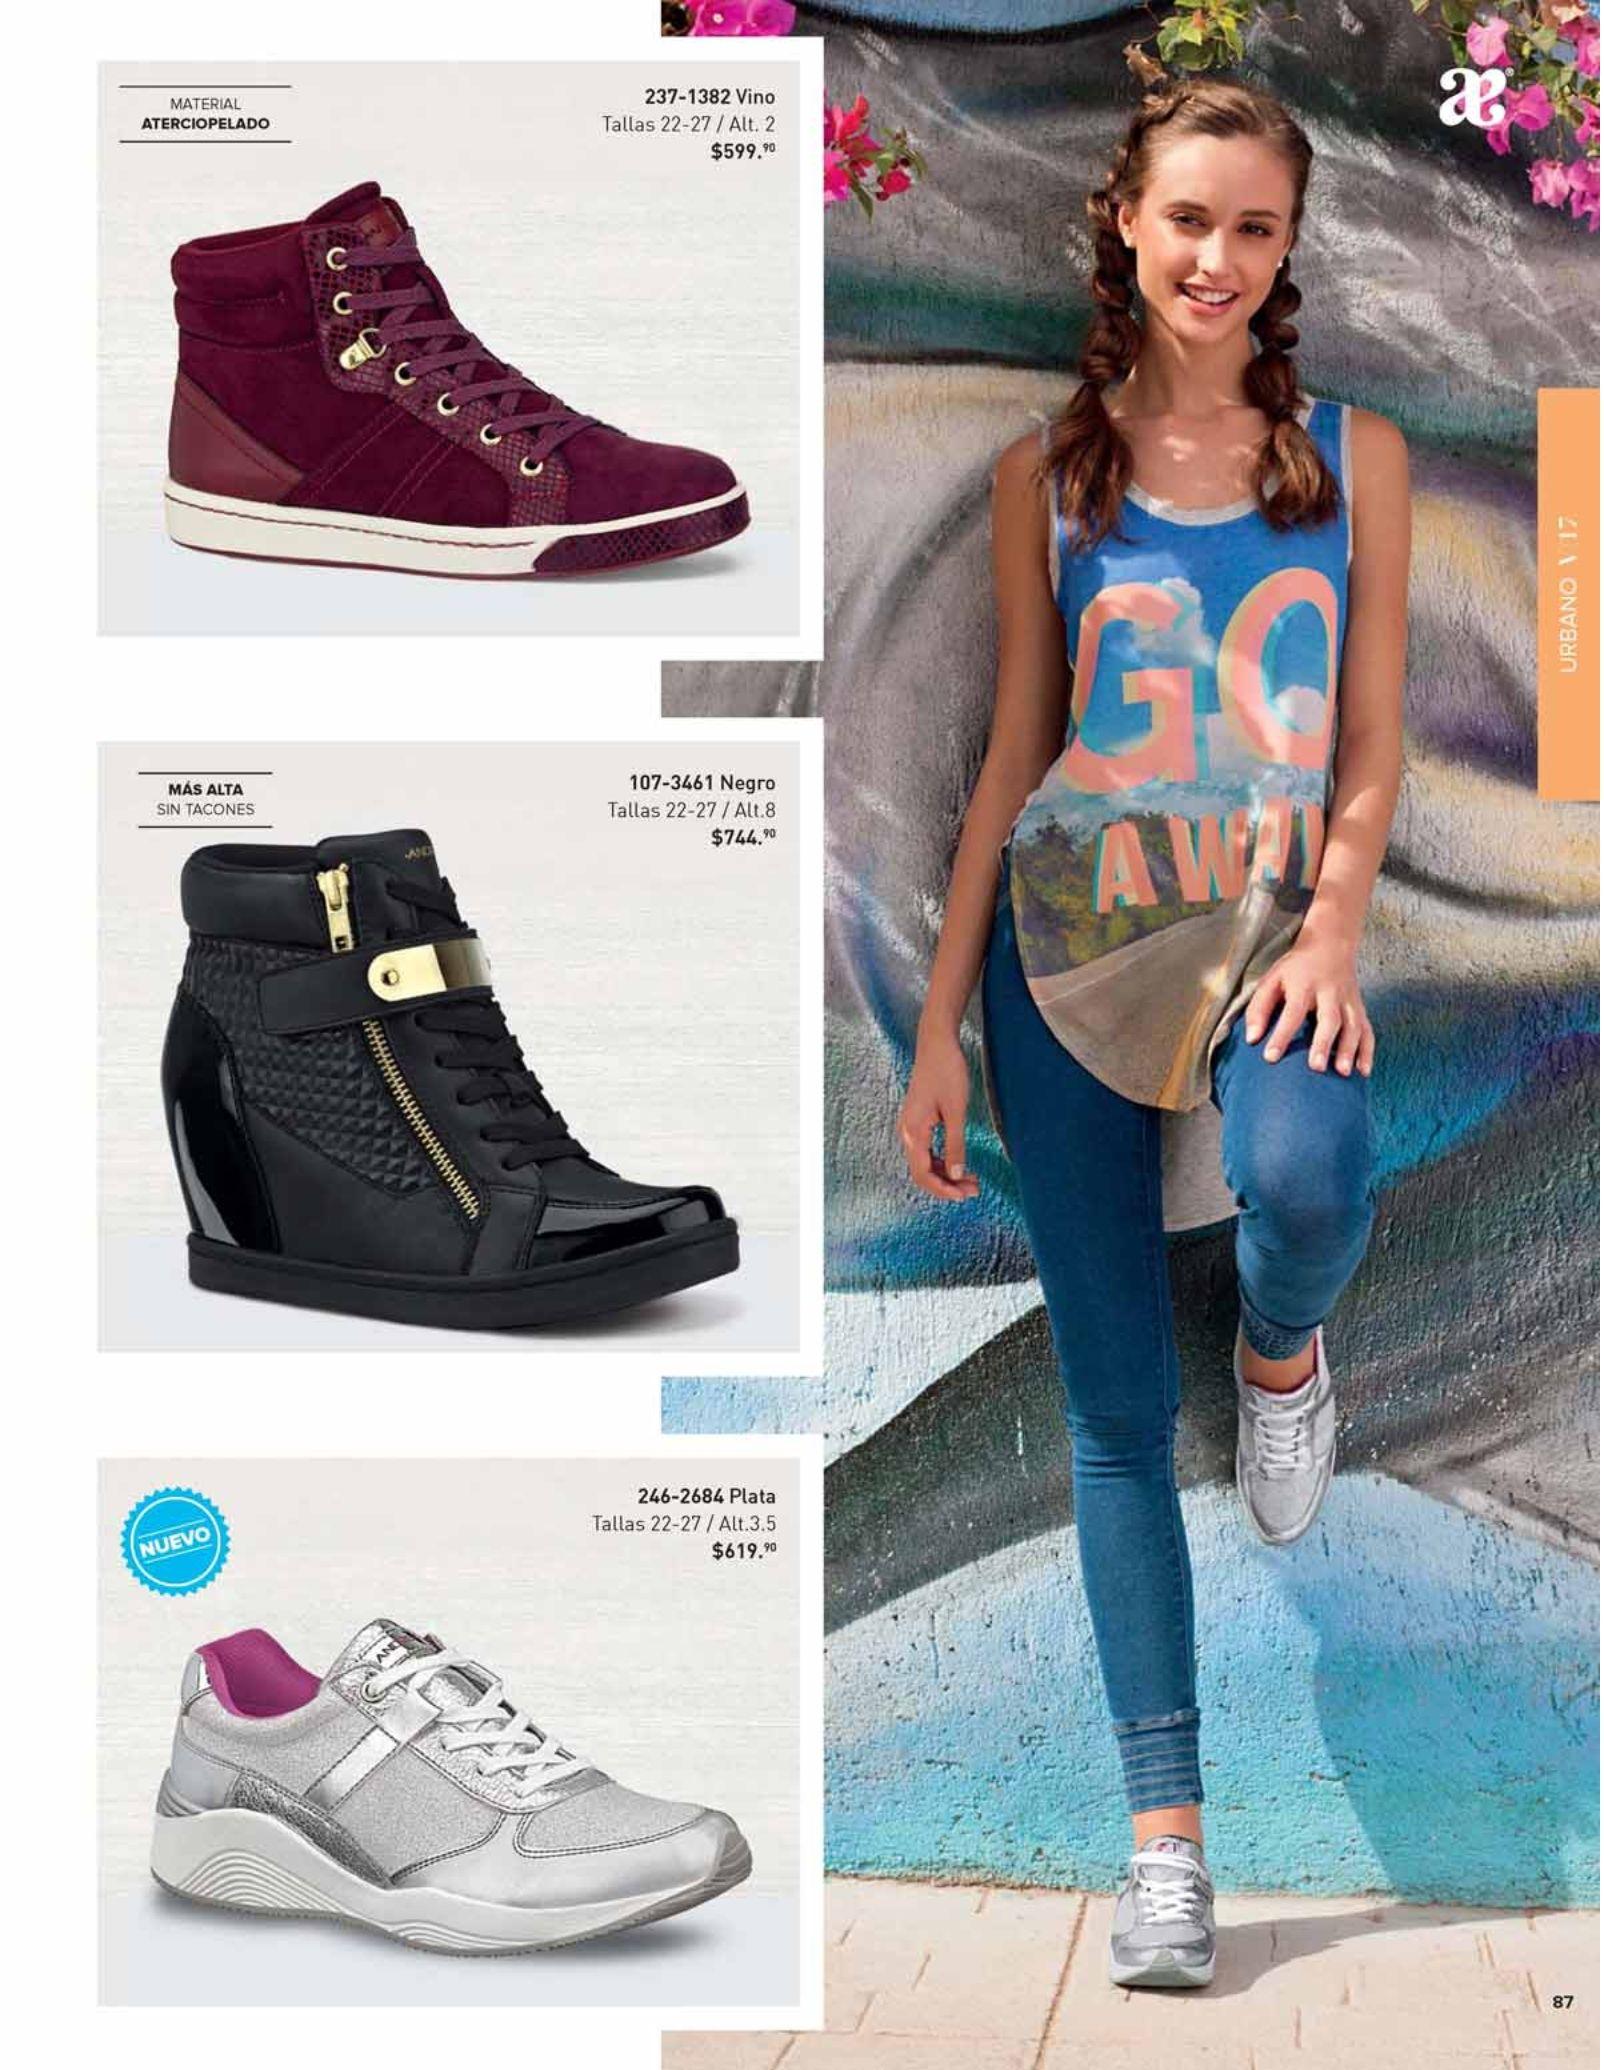 72cf0c95 Tenis con plataforma interna para mujer, catalogo andrea. #ZapatosAndrea  #CatalogoAndrea